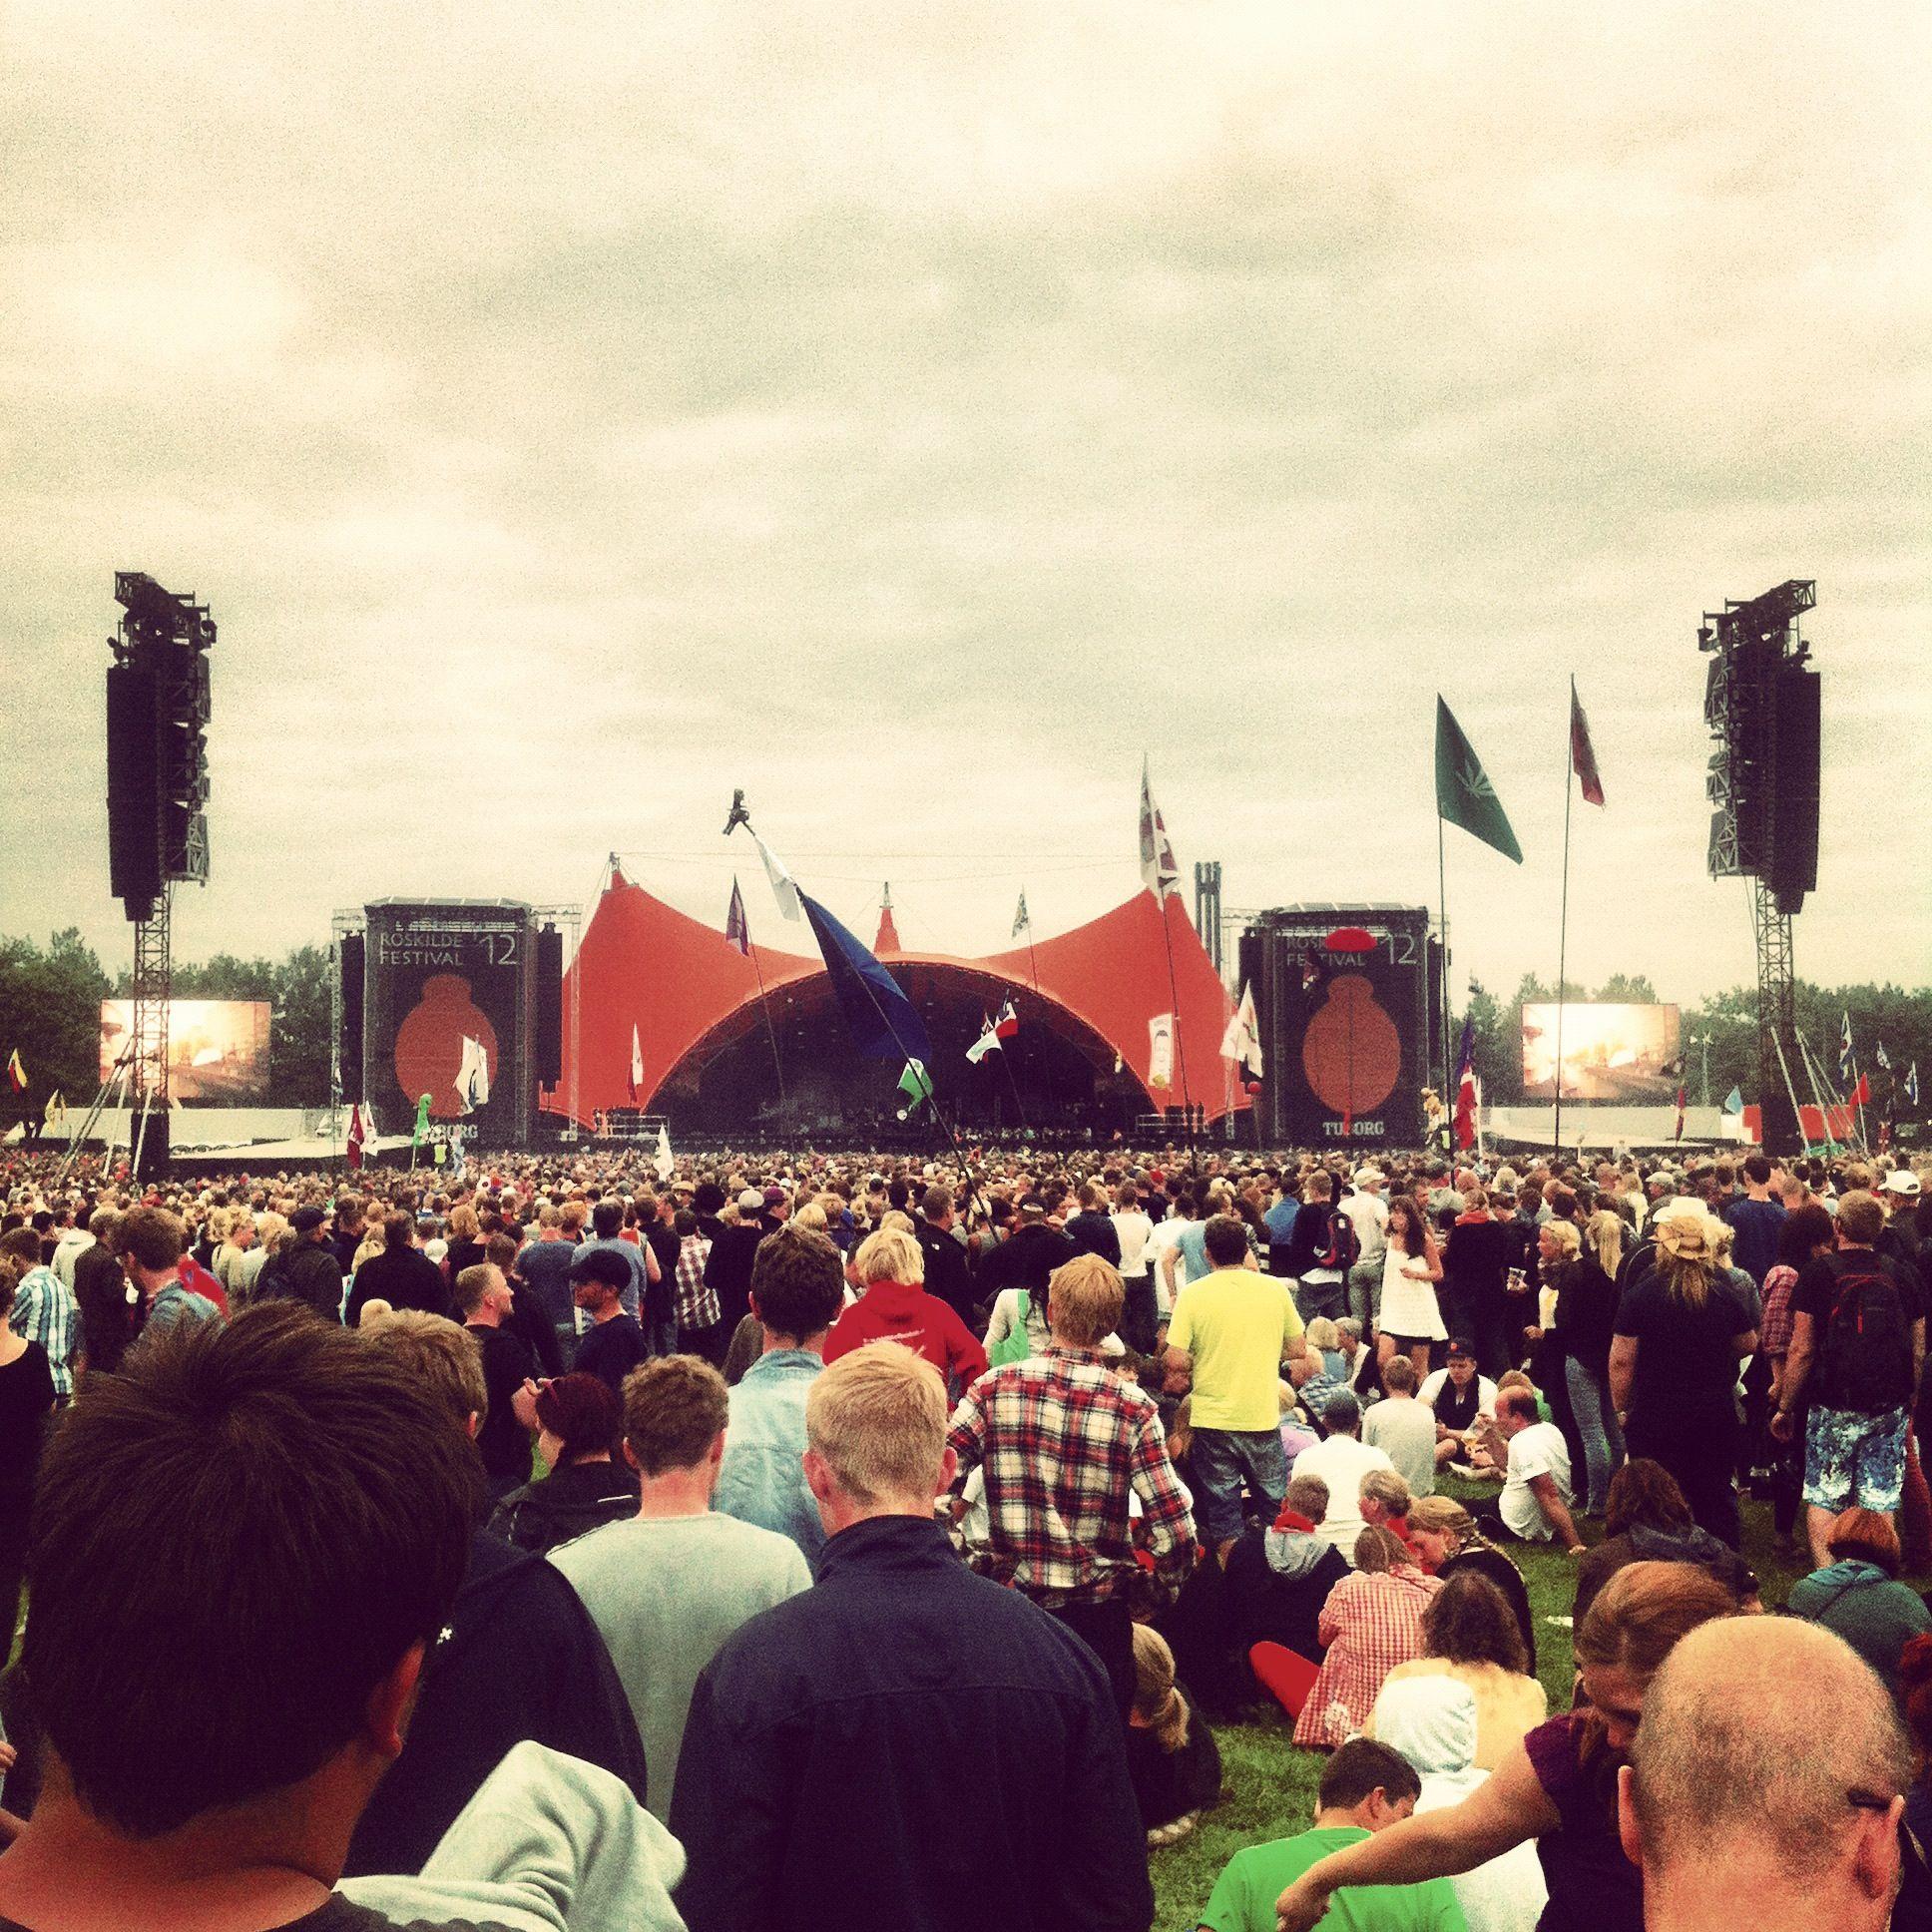 #Roskilde #Festival